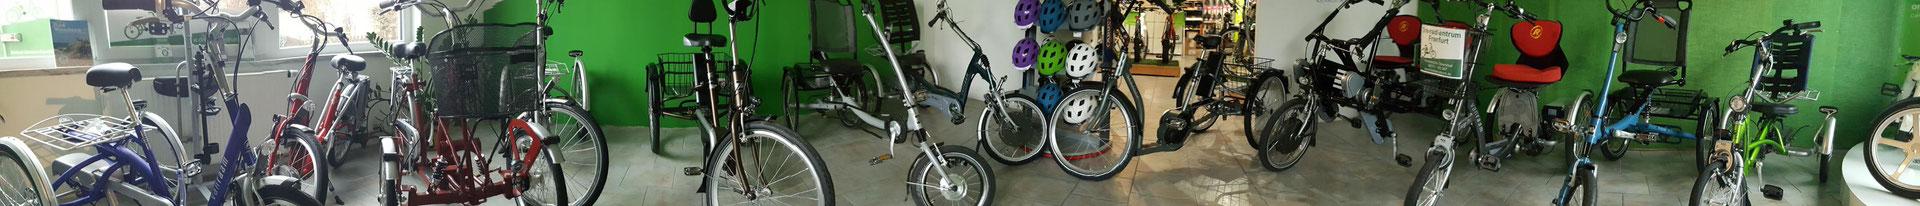 Pfau-Tec Dreirad im e-motion Dreirad-Zentrum Gießen kaufen